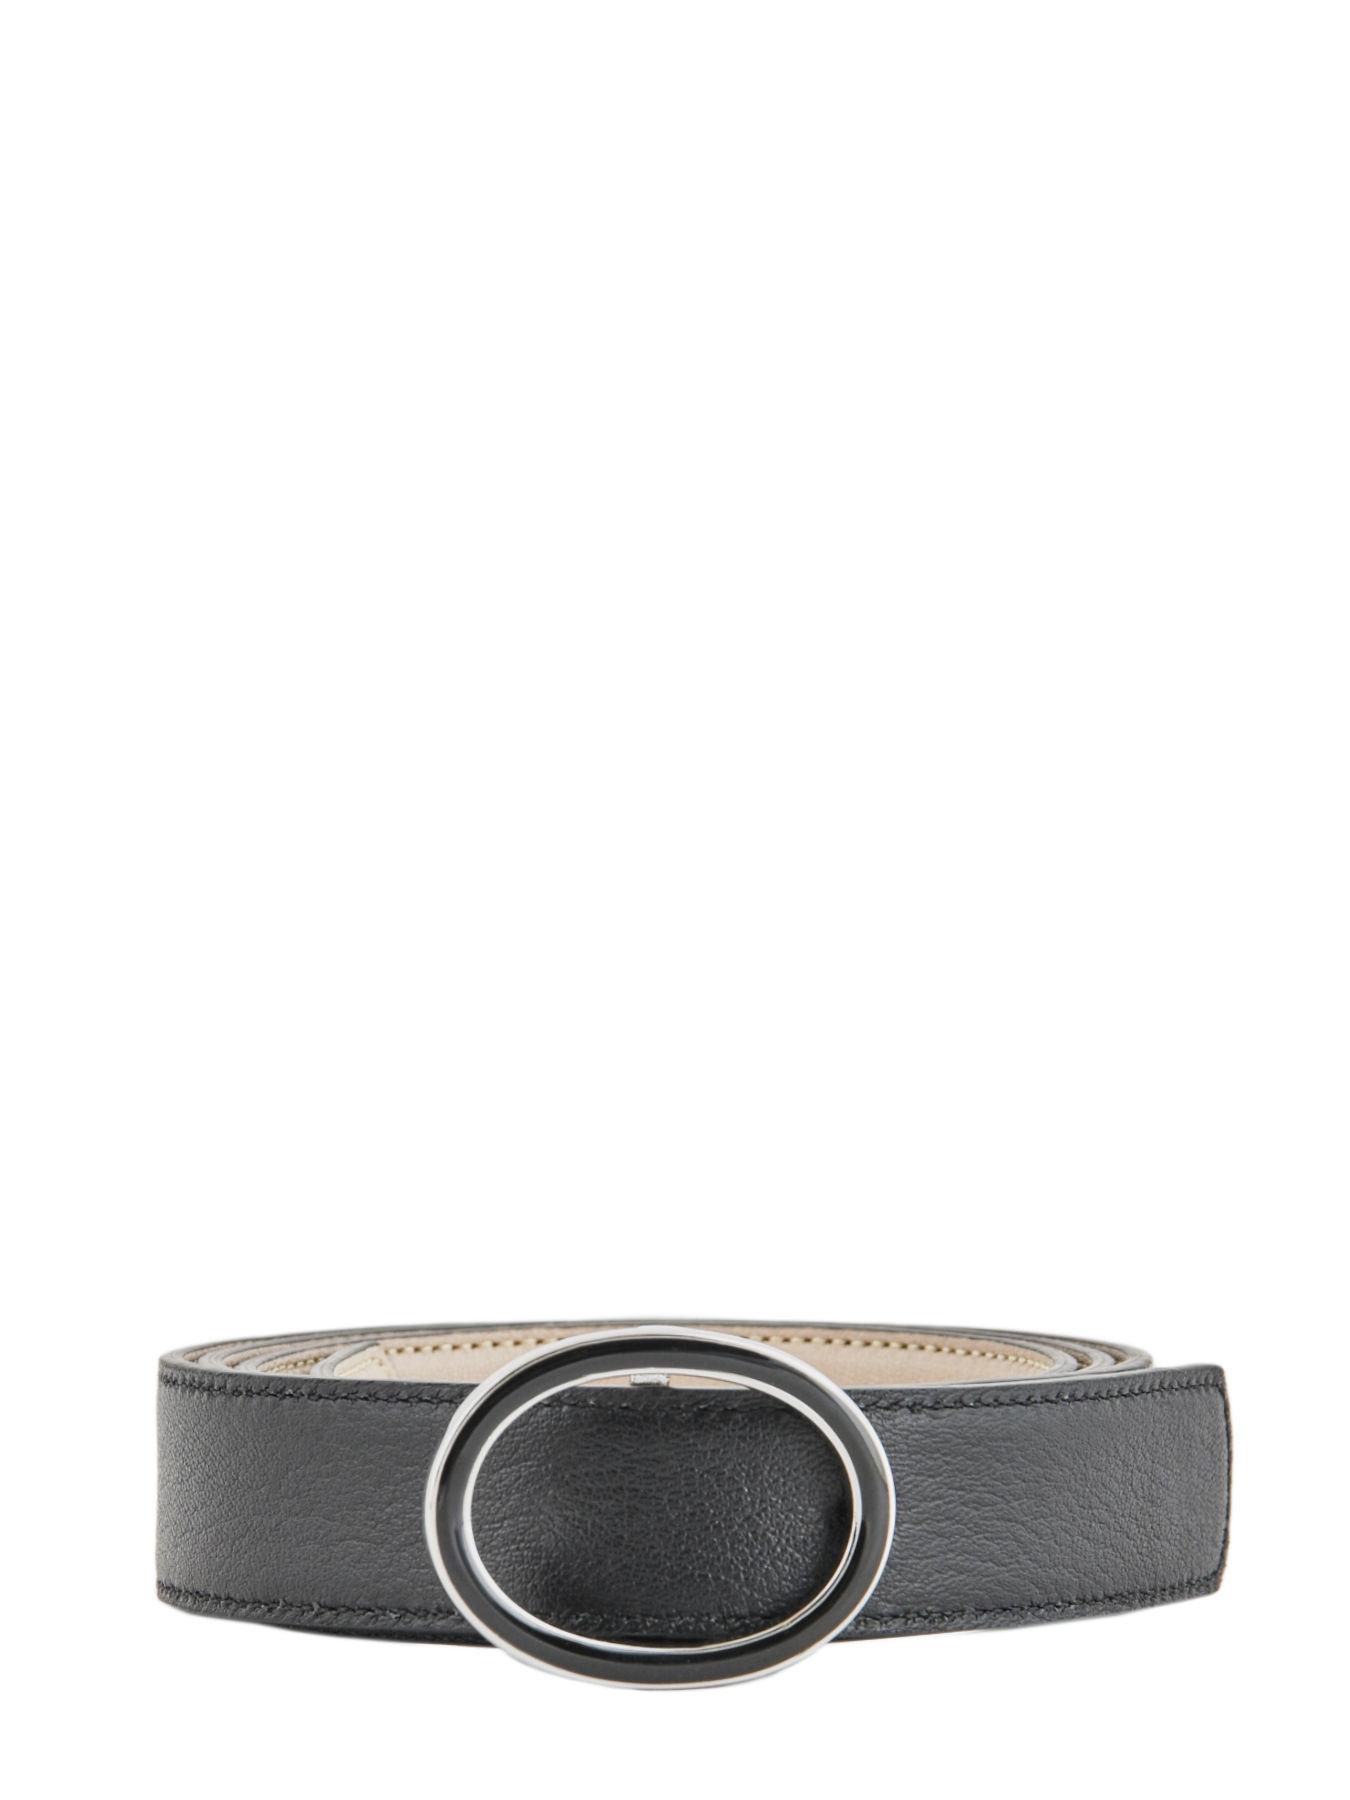 f1494463c14 Ceinture Longchamp 7618737 noir argile en vente au meilleur prix